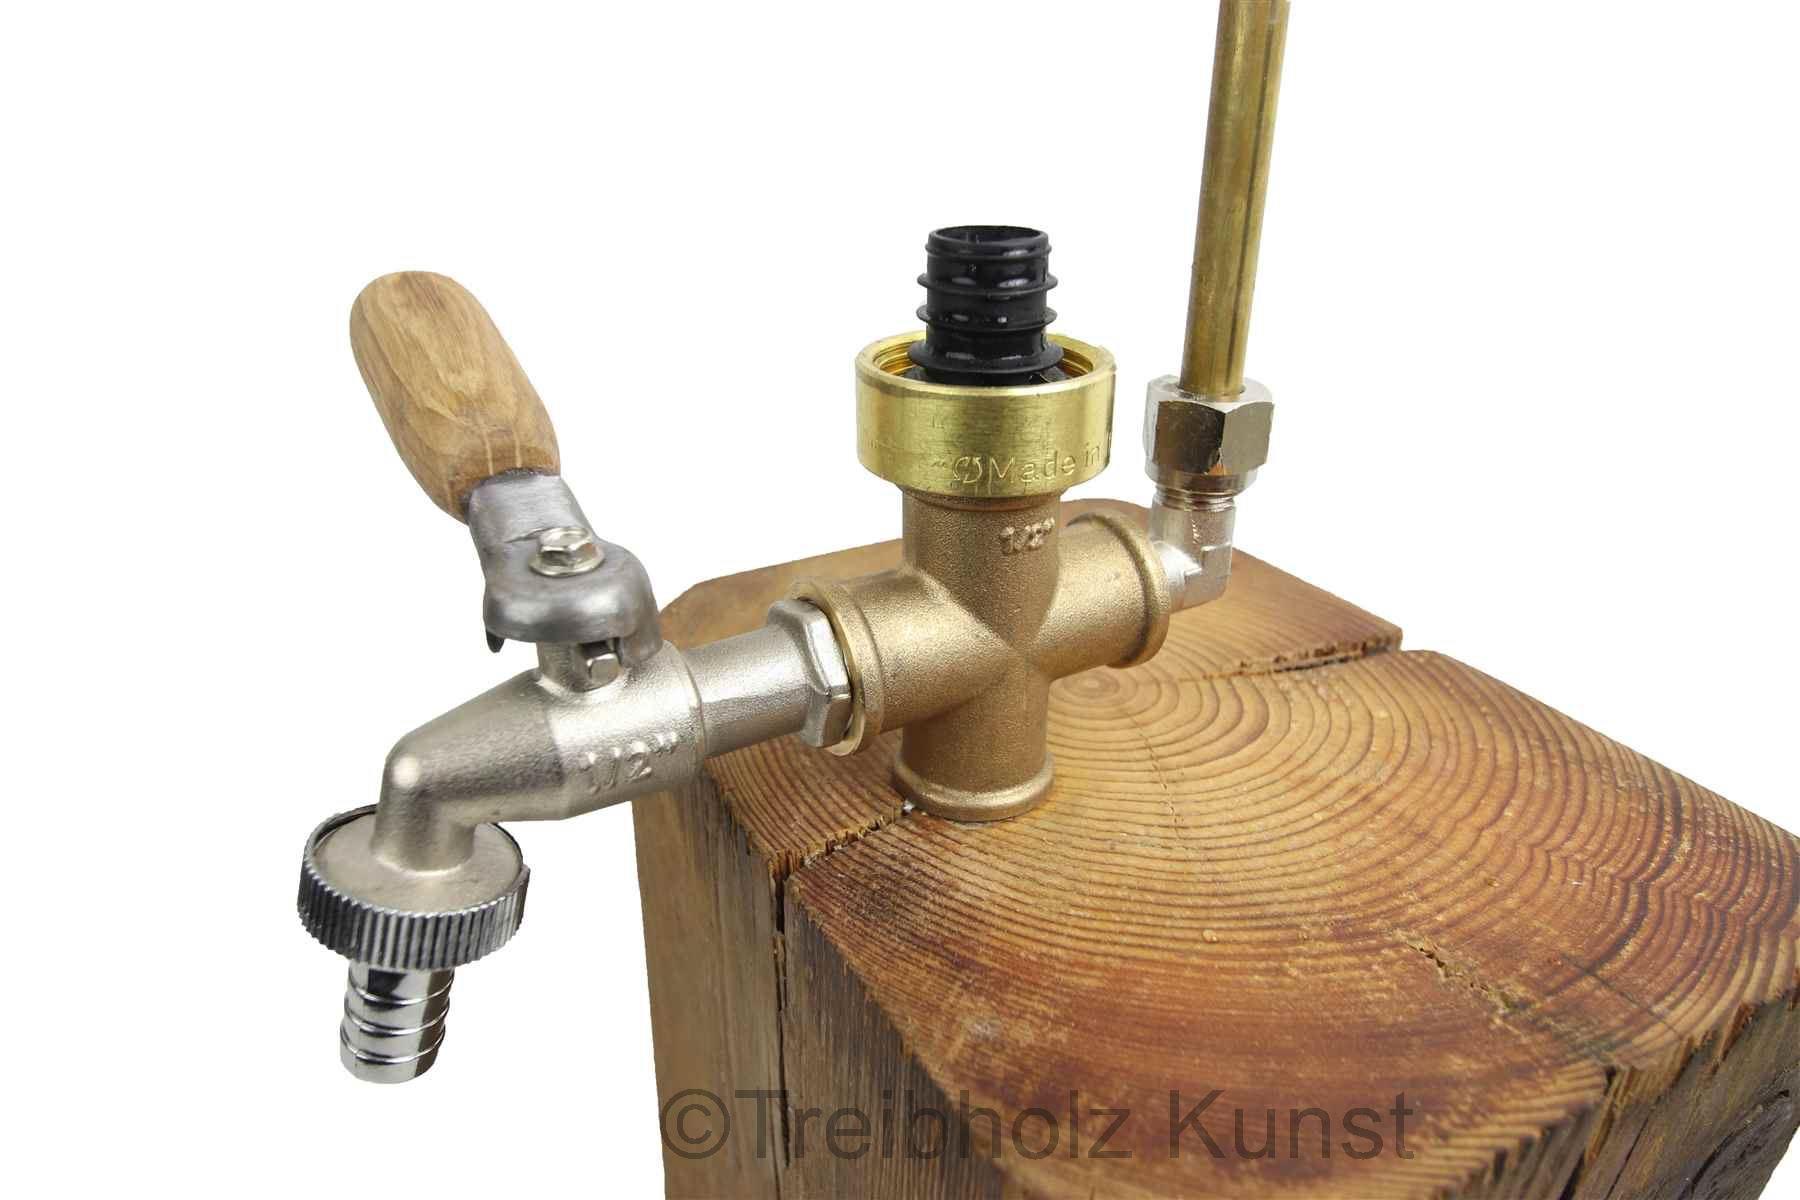 Extrem DIY Blog Werkzeugtest - www.treibholz-bodensee.de - Bauanleitungen HW67